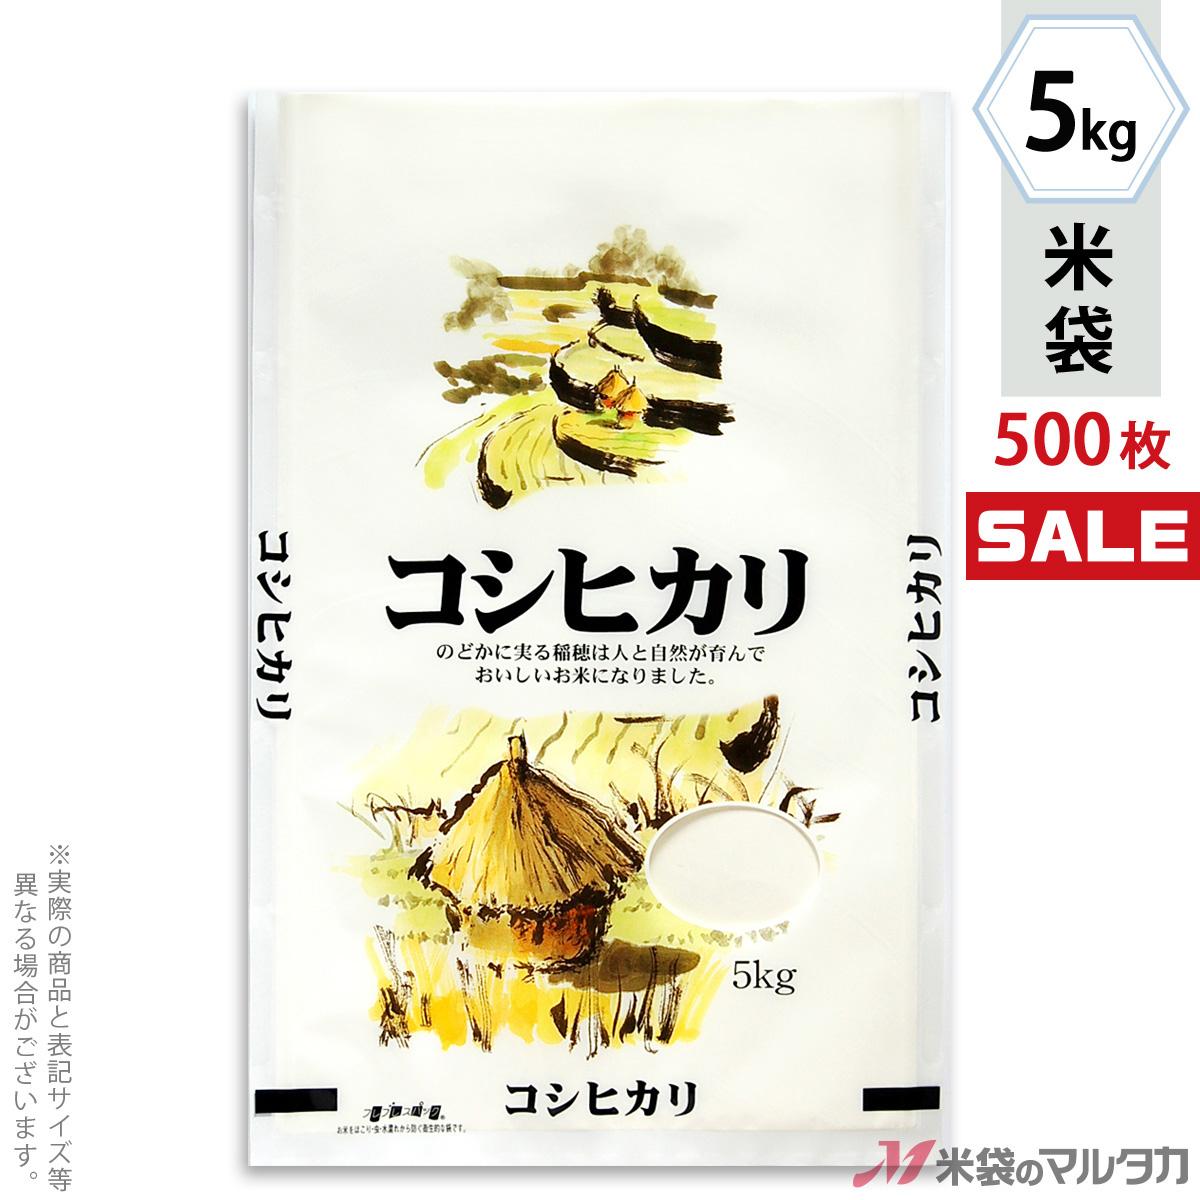 <キャンペーン対応>米袋 ラミ フレブレス コシヒカリ ふるさと 5kg 1ケース(500枚入) MN-9100